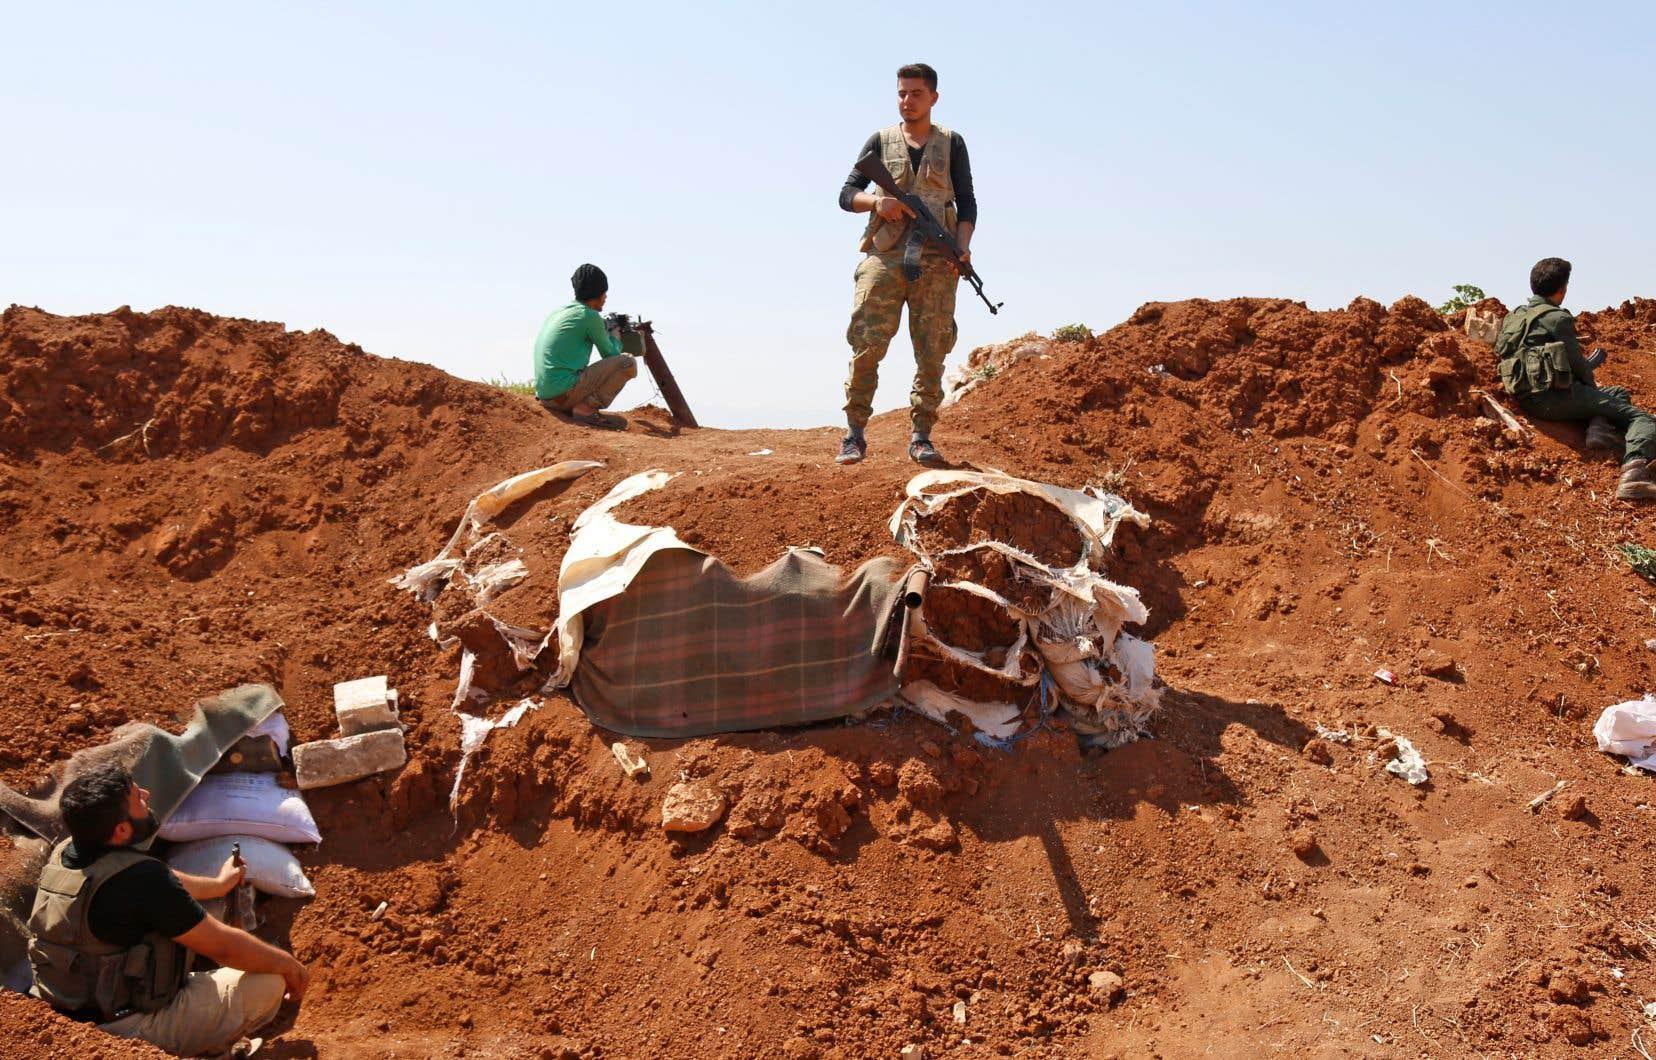 Des factions rebelles se préparent à une attaque du régime syrien aux abords d'Idleb, en Syrie.